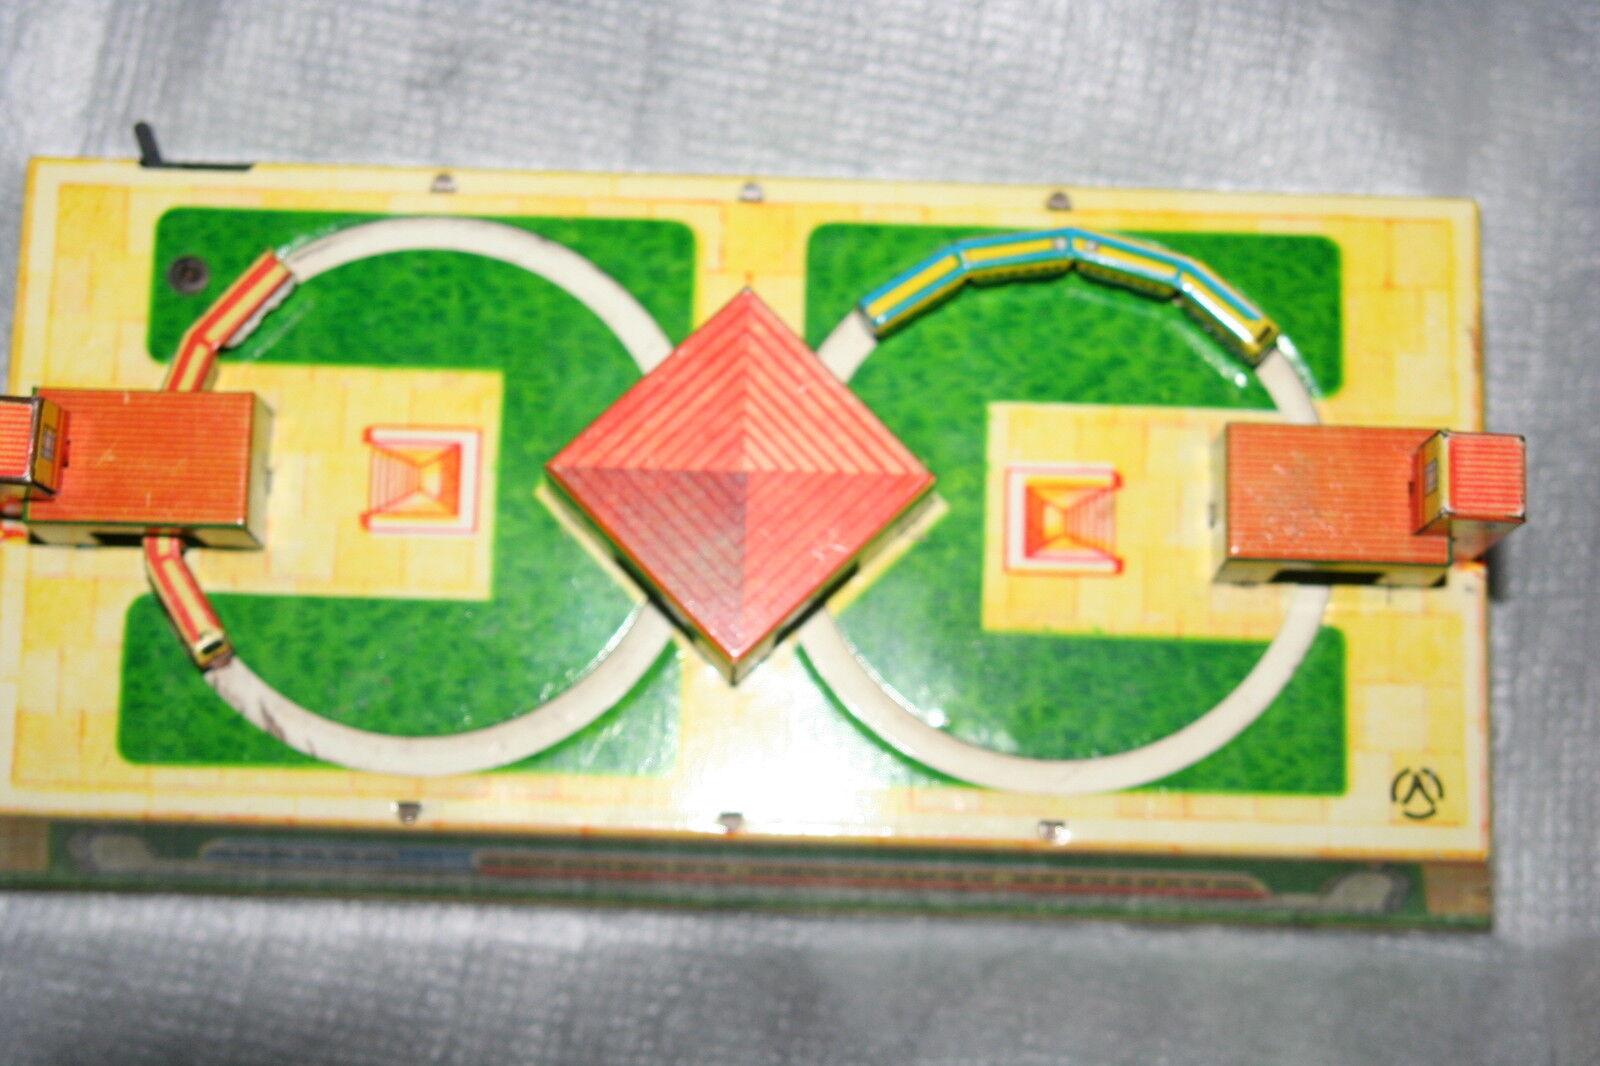 Raro impresionante Vintage De Hojalata De Cuerda Tren De Juguete